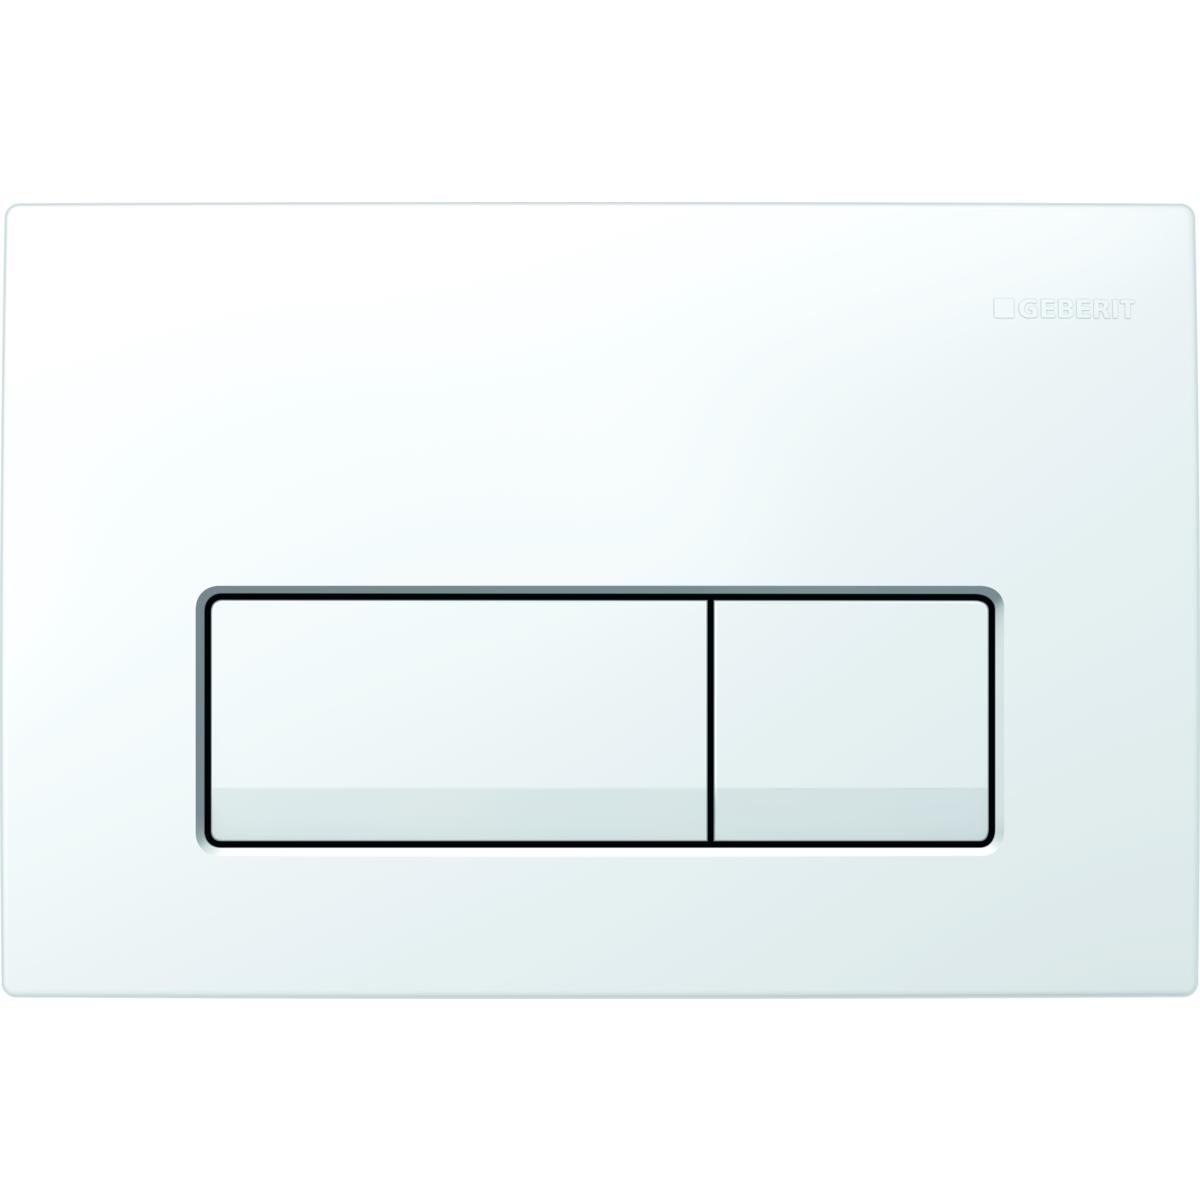 Кнопка смыва GEBERIT 115.105.11.1 Delta 51 пластик (бел)